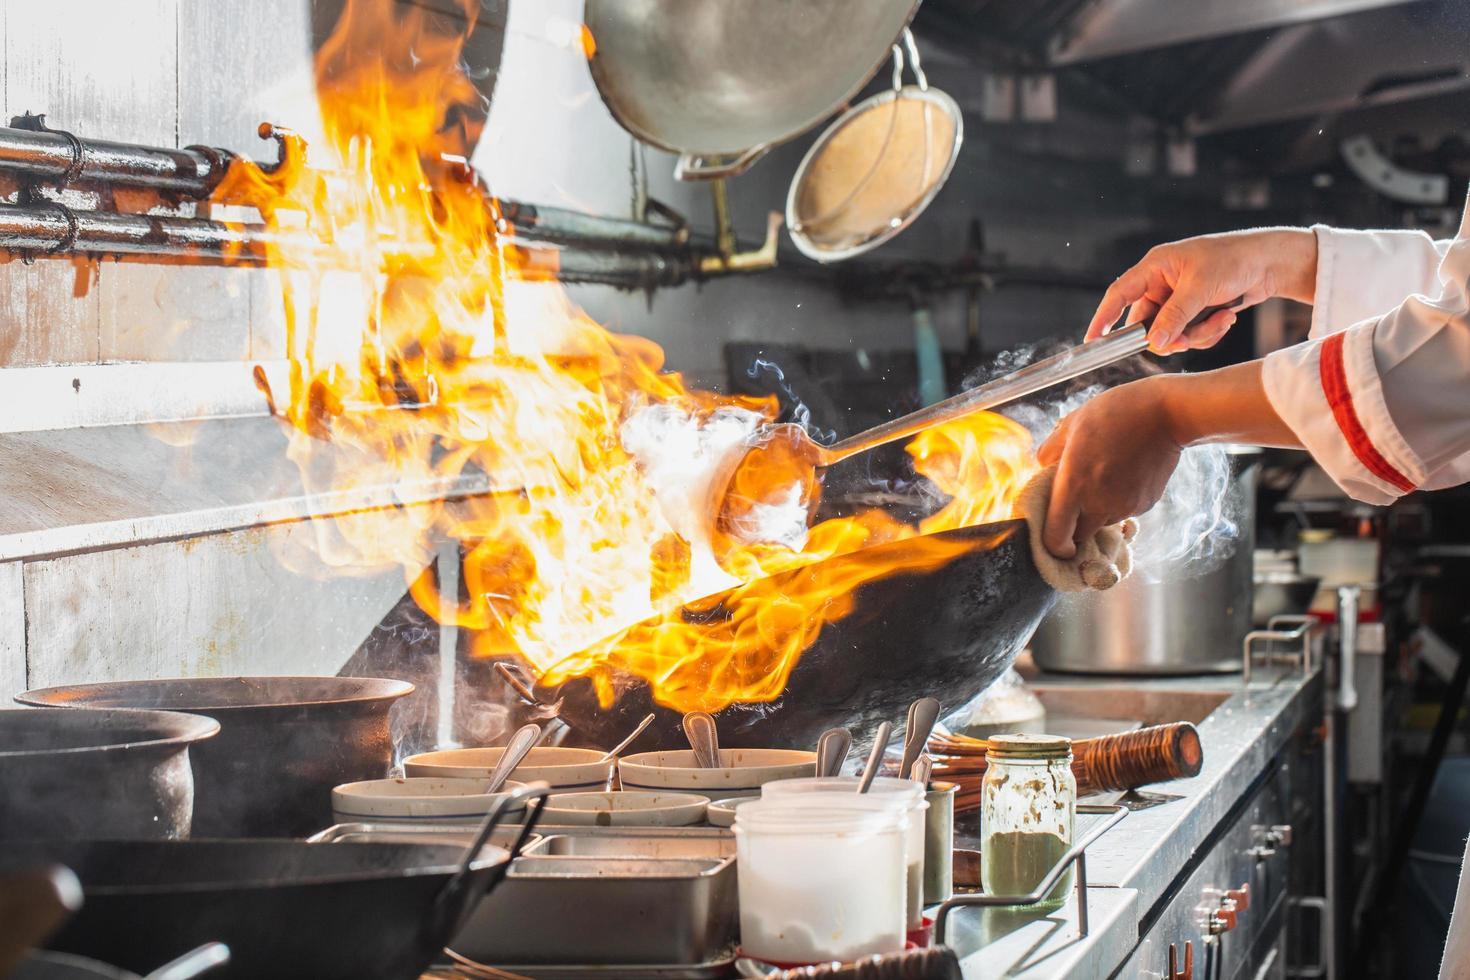 chef di cucina su una stufa foto